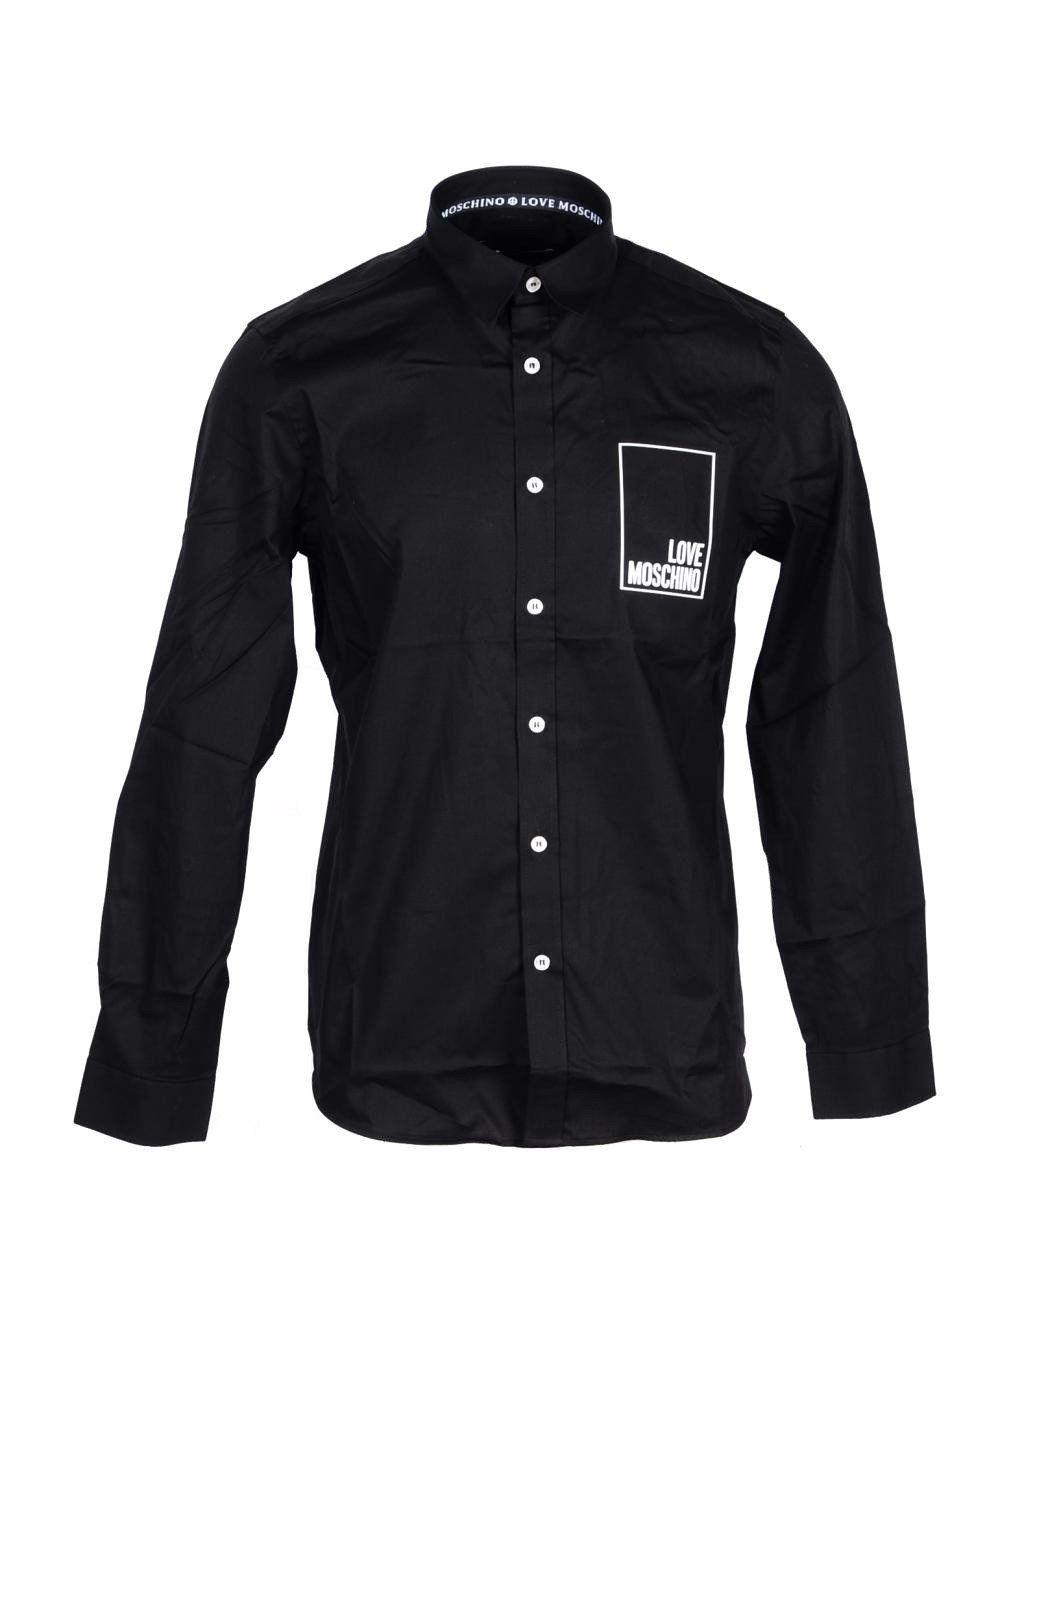 Love Moschino Men's Shirt In Black